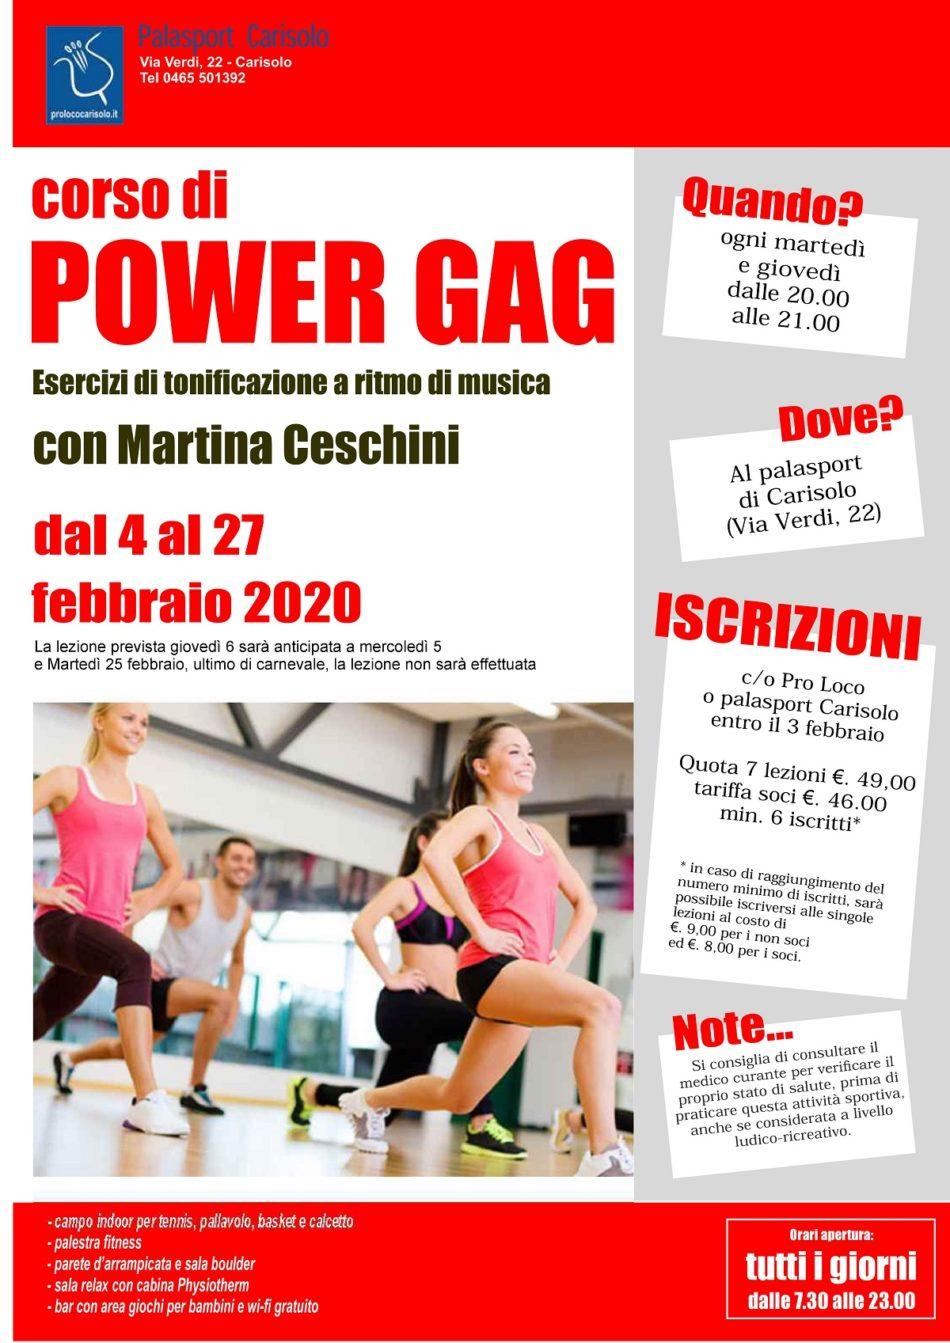 Corso di Power Gag al Palazzetto dello sport di Carisolo